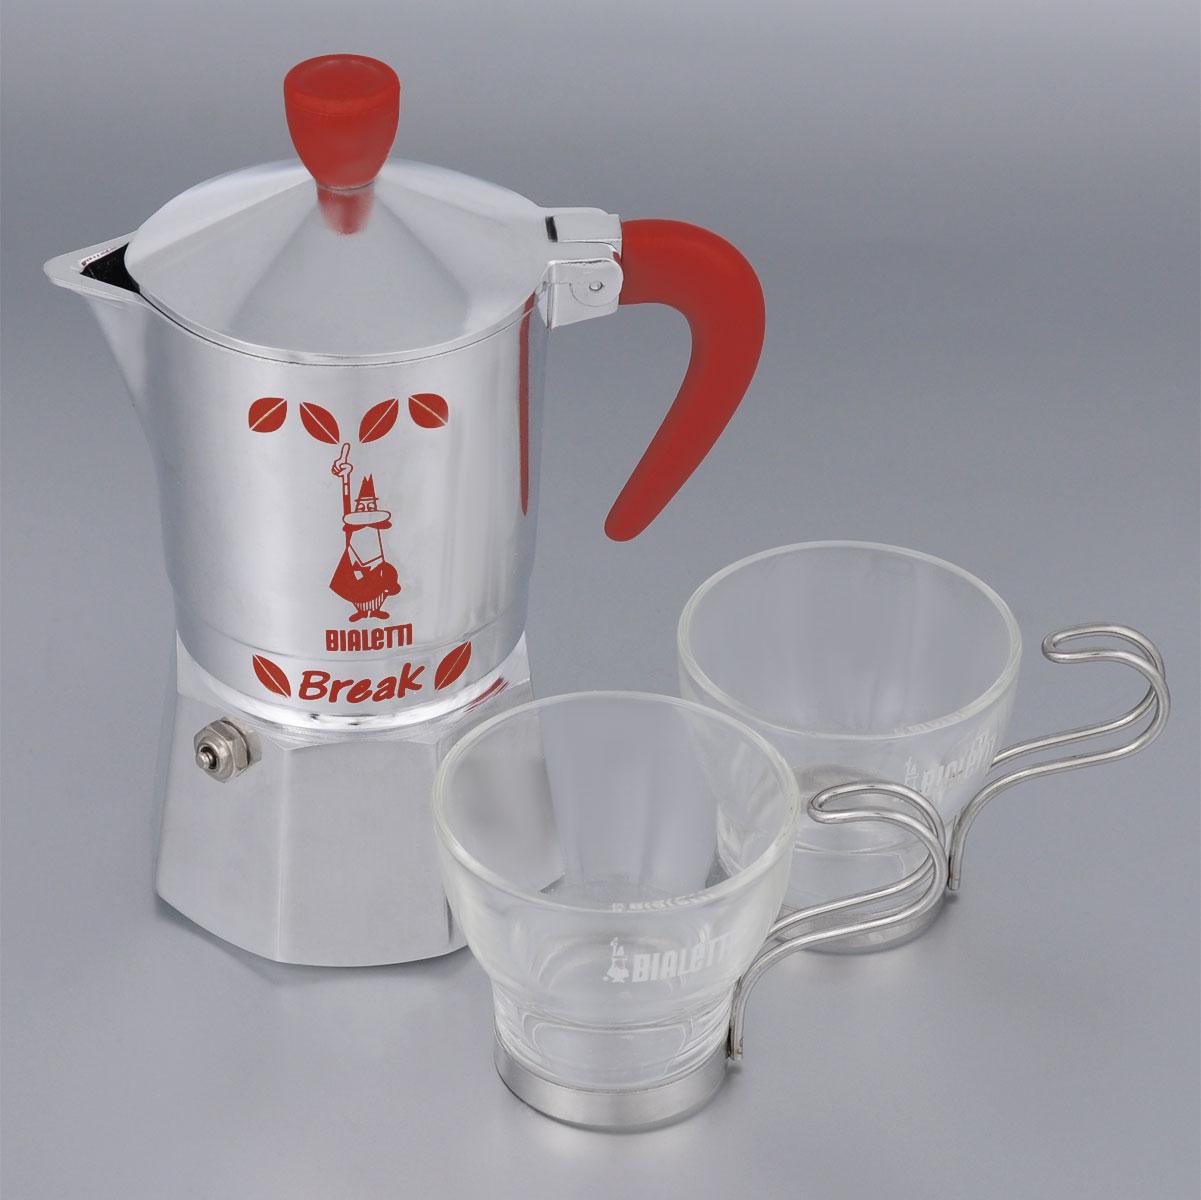 Набор посуды Bialetti Break and Marocchino, 3 предмета5160Набор посуды Bialetti Break and Marocchino включает в себя гейзерную кофеварку и 2 кофейные чашки.Компактная гейзерная кофеварка изготовлена из высококачественного алюминия. Объема кофе хватает на 2 чашки. Изделие оснащено удобной ручкой из нейлона и клапаном давления.Кружки выполнены из высококачественного стекла и оснащены металлическими ручками.Принцип работы такой гейзерной кофеварки - кофе заваривается путем многократного прохождения горячей воды или пара через слой молотого кофе. Удобство кофеварки в том, что вся кофейная гуща остается во внутренней емкости. Гейзерные кофеварки пользуются большой популярностью благодаря изысканному аромату. Кофе получается крепкий и насыщенный. Теперь и дома вы сможете насладиться великолепным эспрессо. Подходит для газовых, электрических и стеклокерамических плит. Нельзя мыть в посудомоечной машине. Высота кофеварки: 18 см.Диаметр дна кофеварки: 7,8 см.Диаметр кружек по верхнему краю: 6,6 см.Диаметр дна кружек: 4,5 см.Высота кружек: 6 см.Объем кофеварки: 250 мл.Объем чашки: 125 мл.